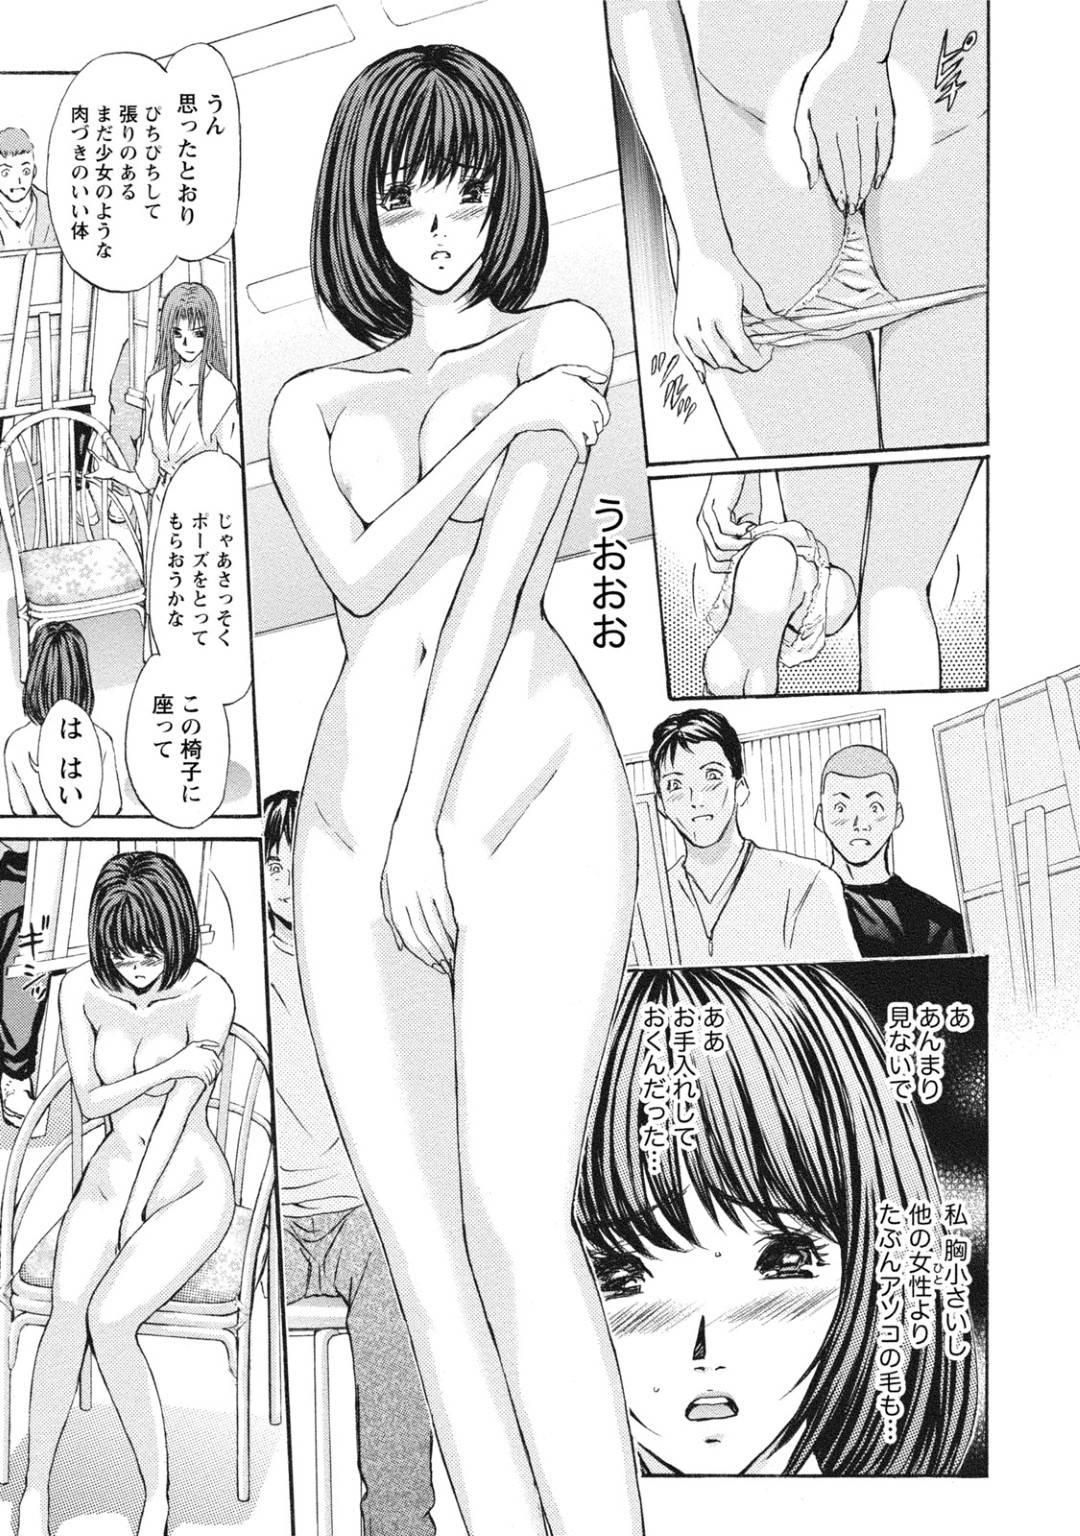 【エロ漫画】急遽ヌードモデルをする事となってしまったスレンダーな美大JD。先輩の頼みを断りきれず、渋々大勢の目の前で全裸のままいろんなポーズをさせられる羞恥プレイを受ける!